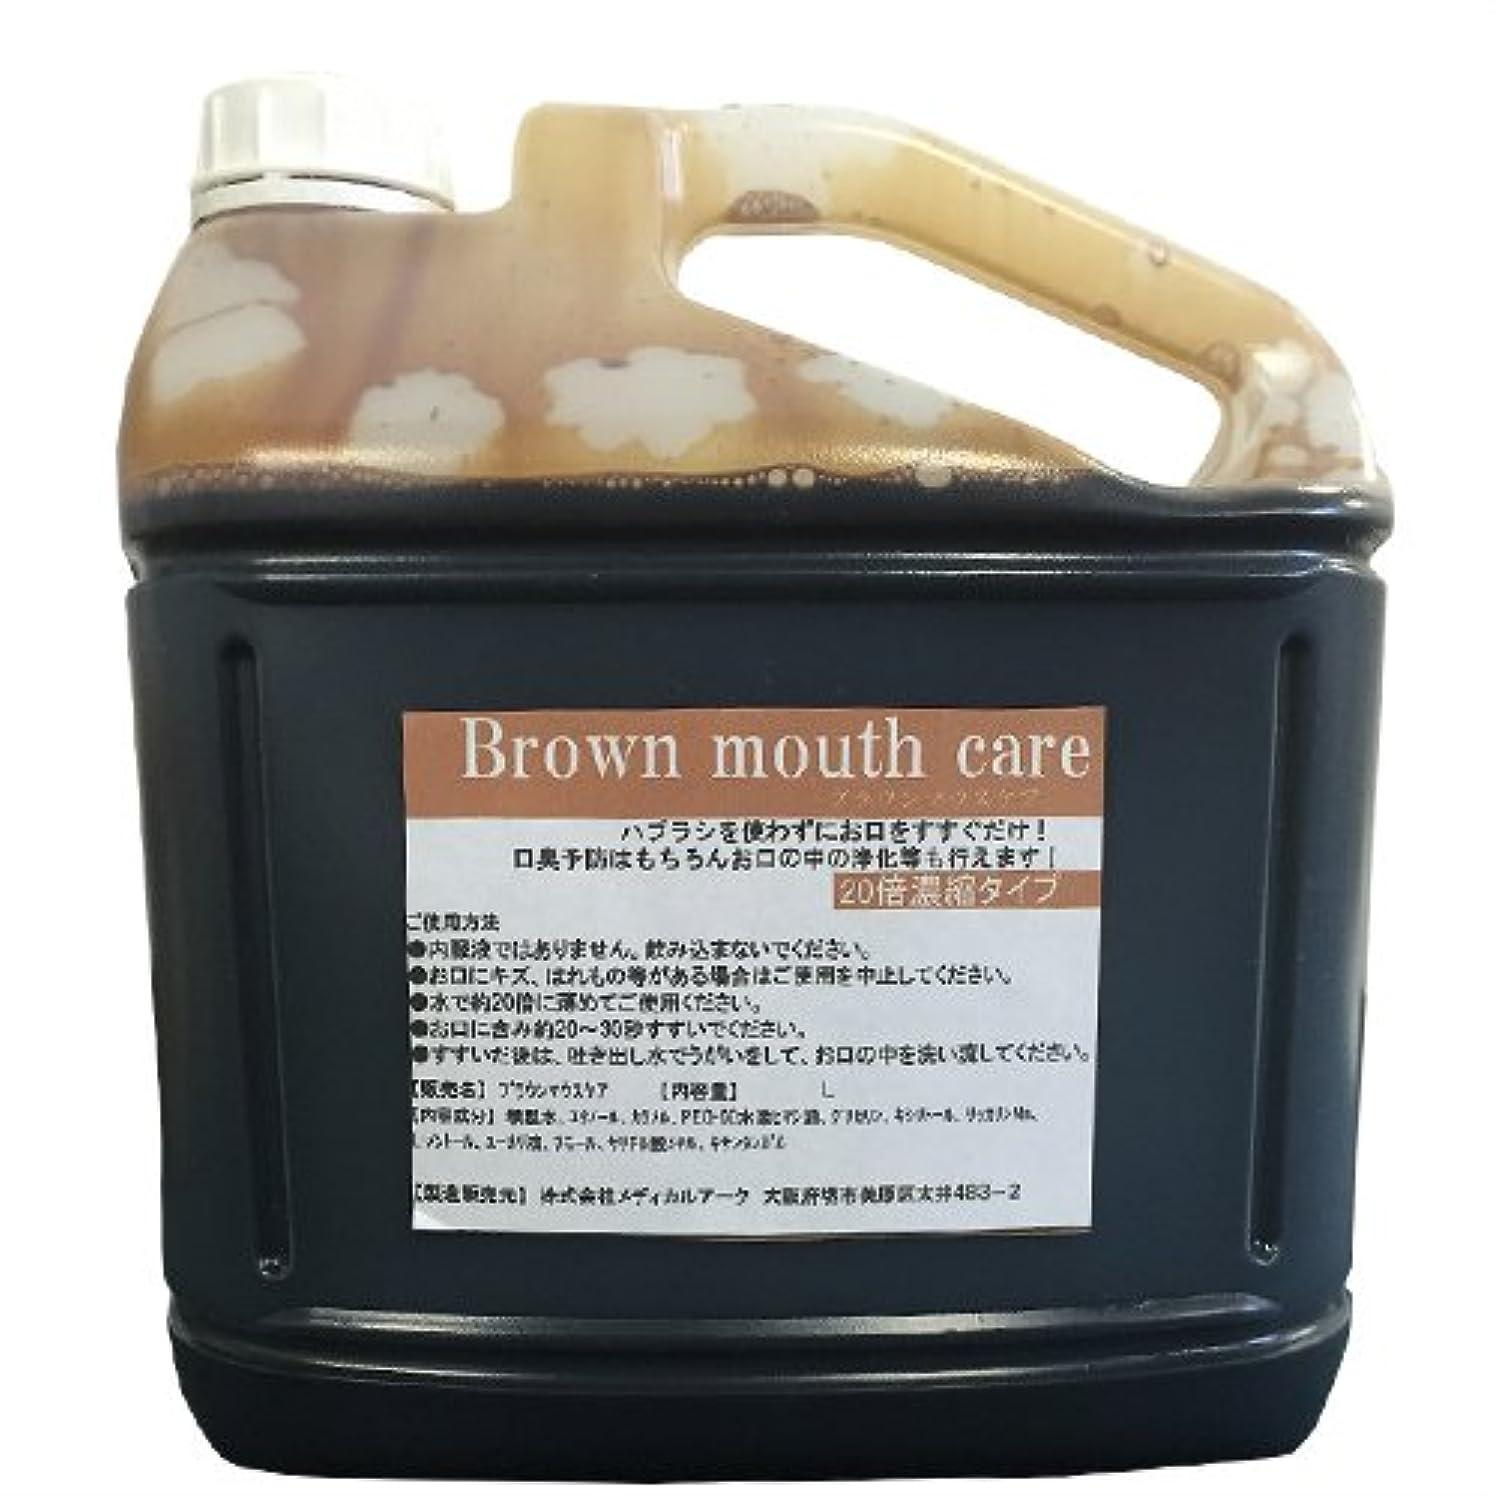 識別する花束ミンチ業務用洗口液 ガーグル ブラウンマウスケア (Brown mouth care) 20倍濃縮タイプ 5L (詰め替えコック付き)